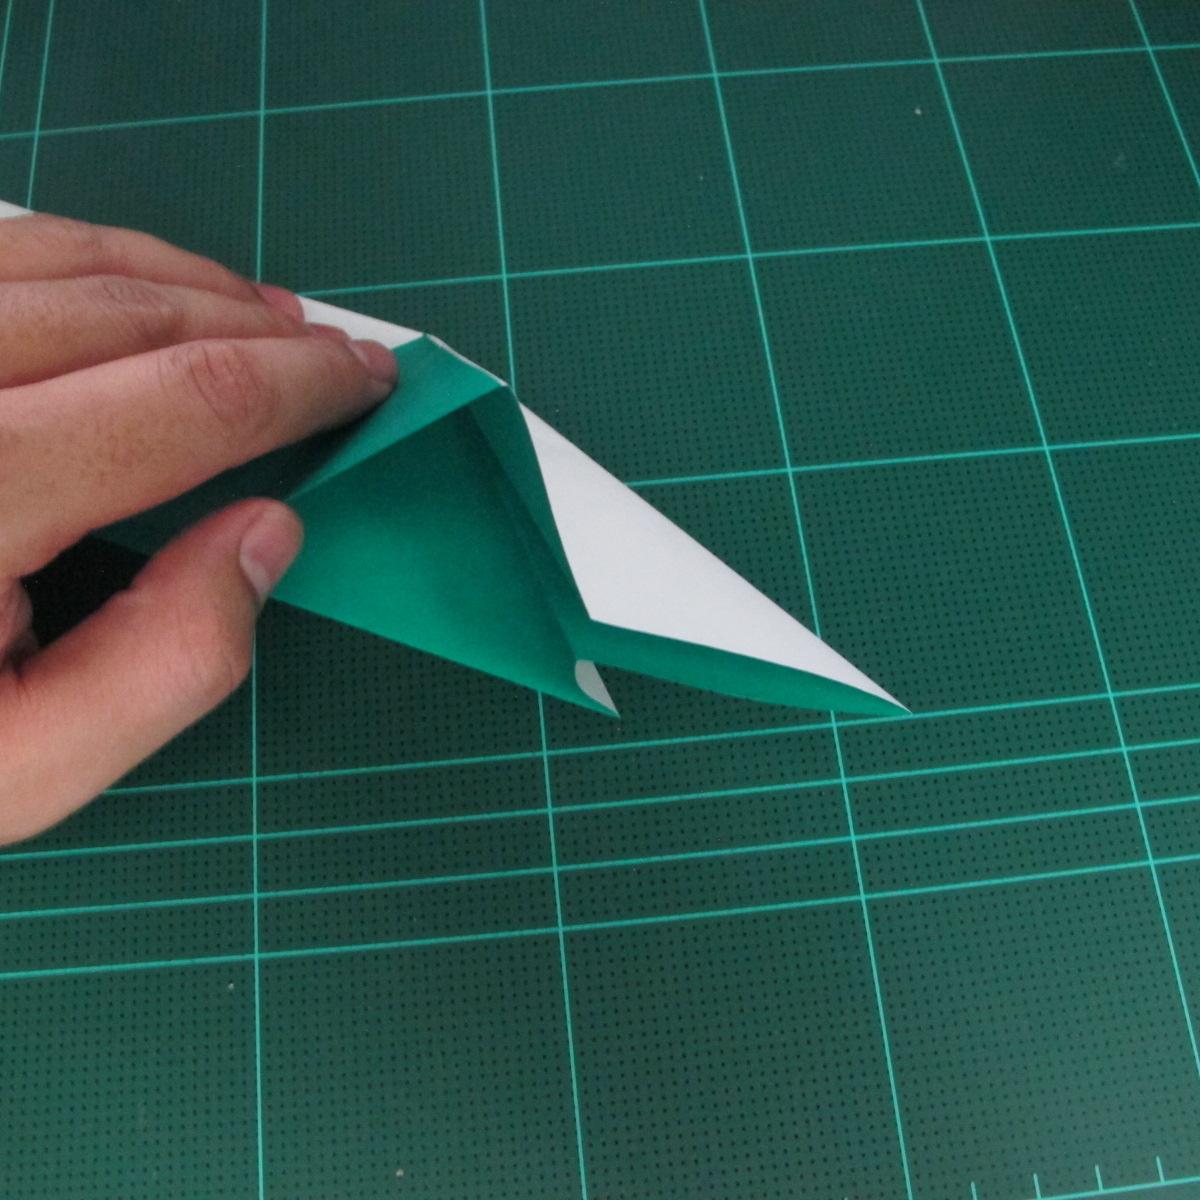 การพับกระดาษเป็นรูปเรือมังกร (Origami Dragon Boat) 012